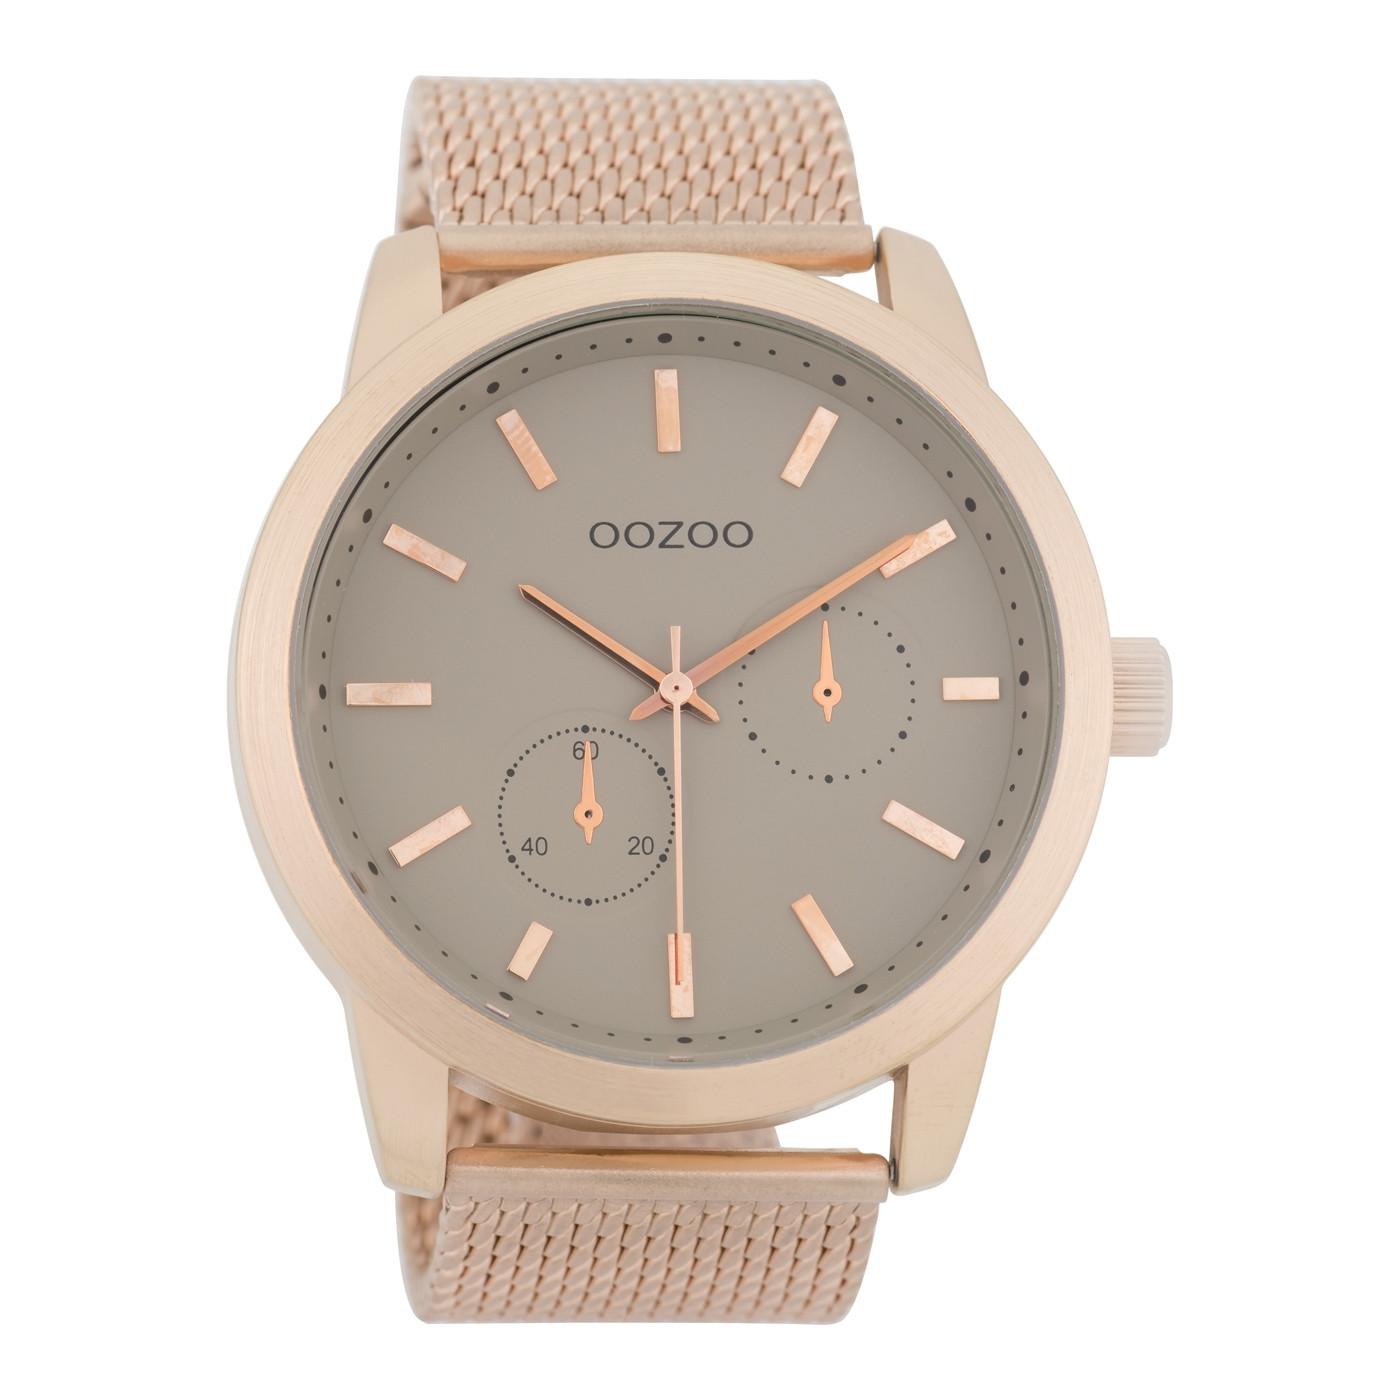 OOZOO Timepieces Rosegoudkleurig/Taupe horloge C9662 (47 mm)